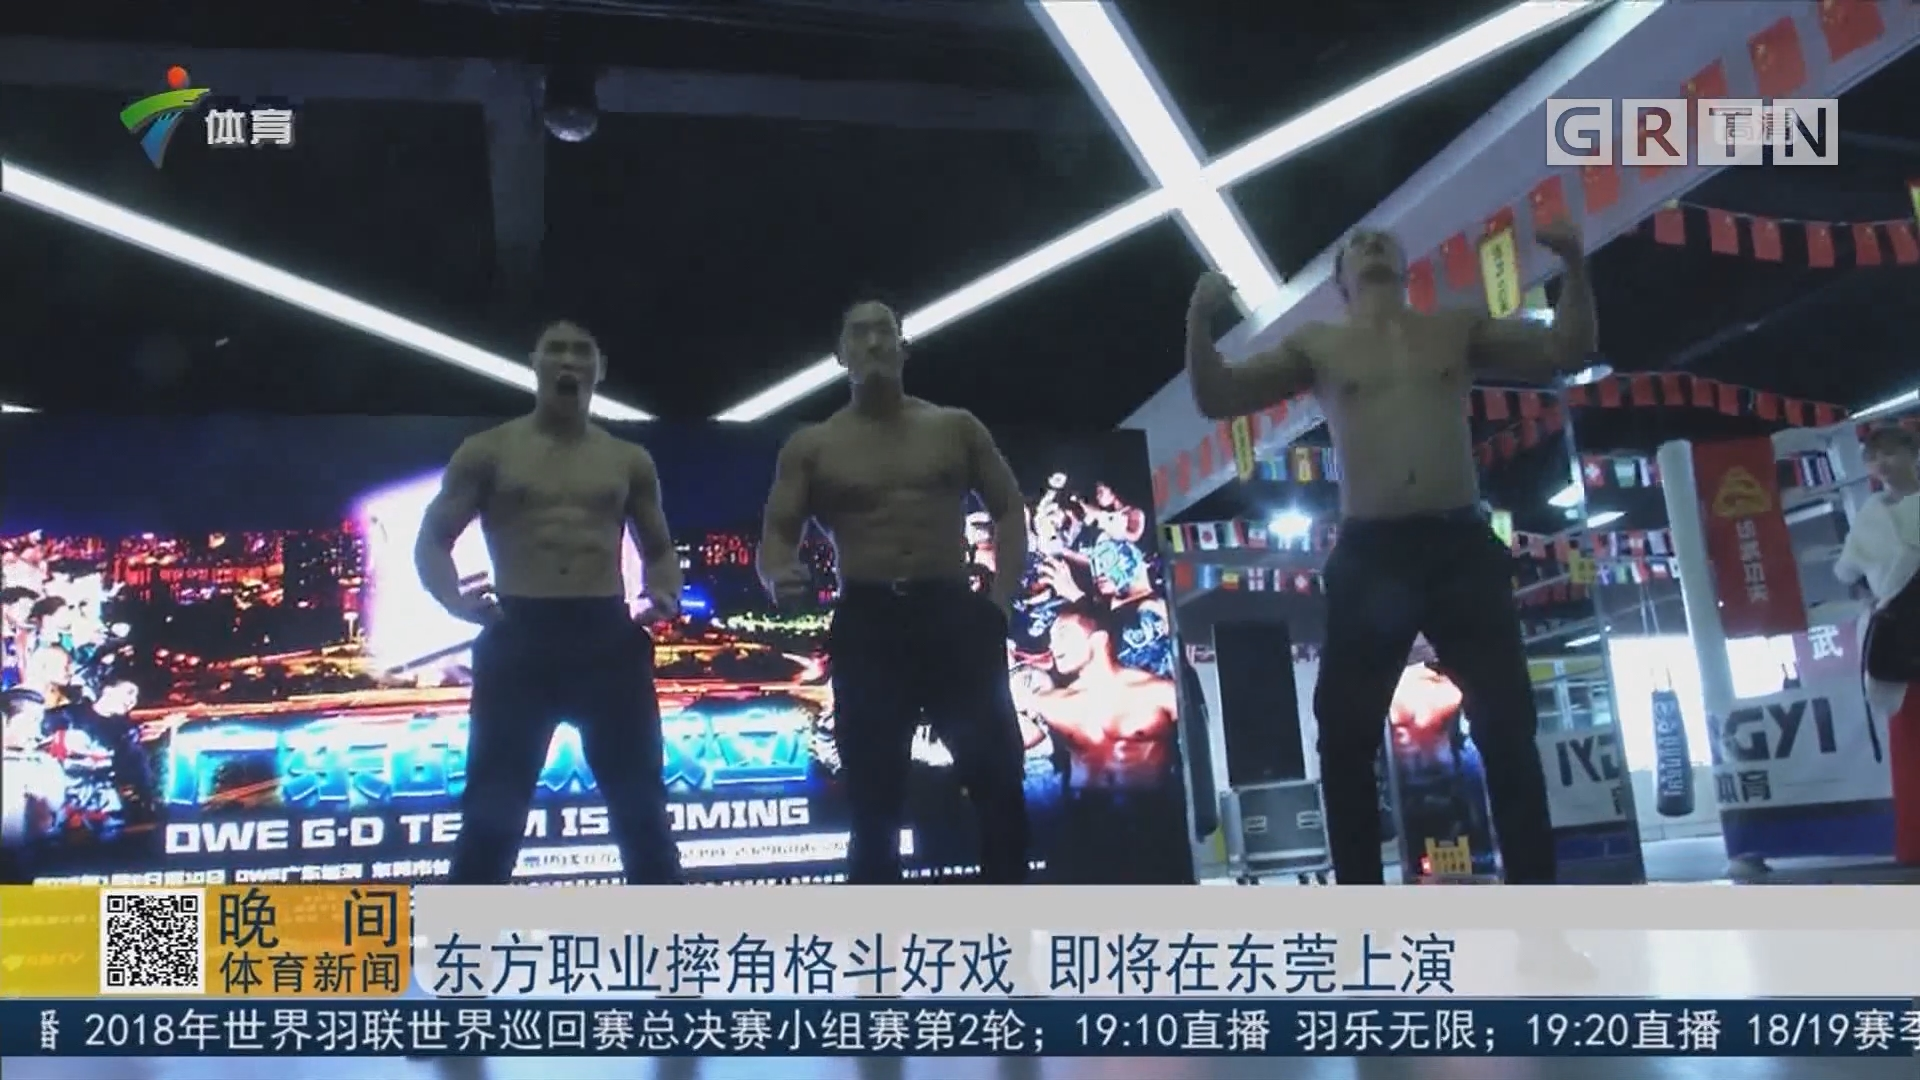 东方职业摔角格斗好戏 即将在东莞上演